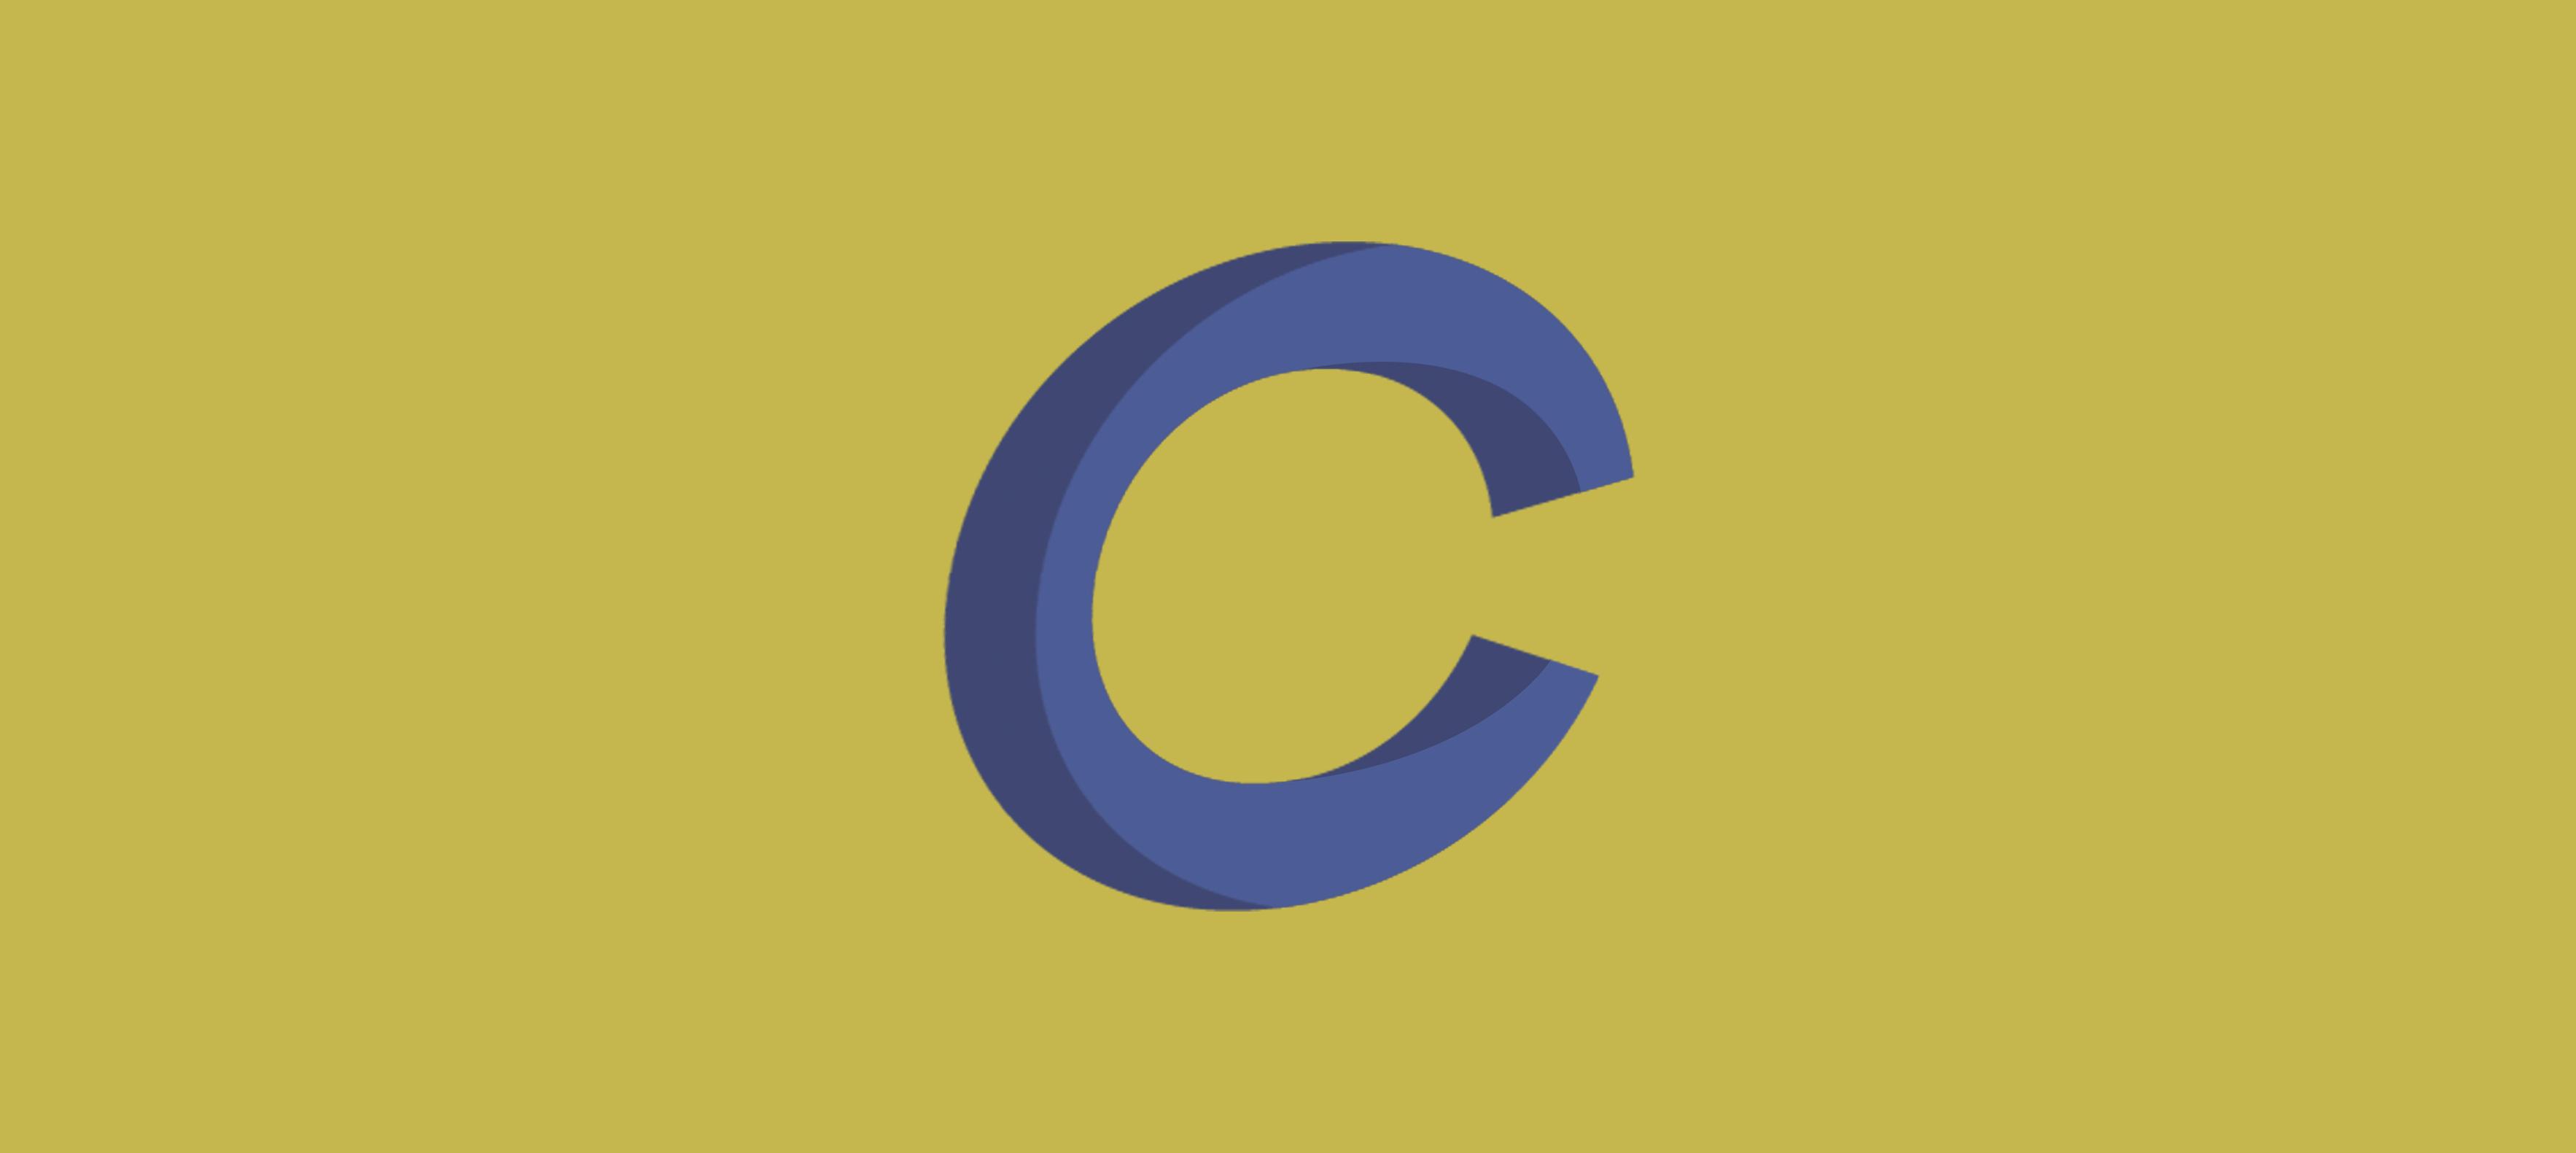 Нейминг и логотип компании, занимающейся аутсорсингом фото f_60159d8af00b5574.jpg